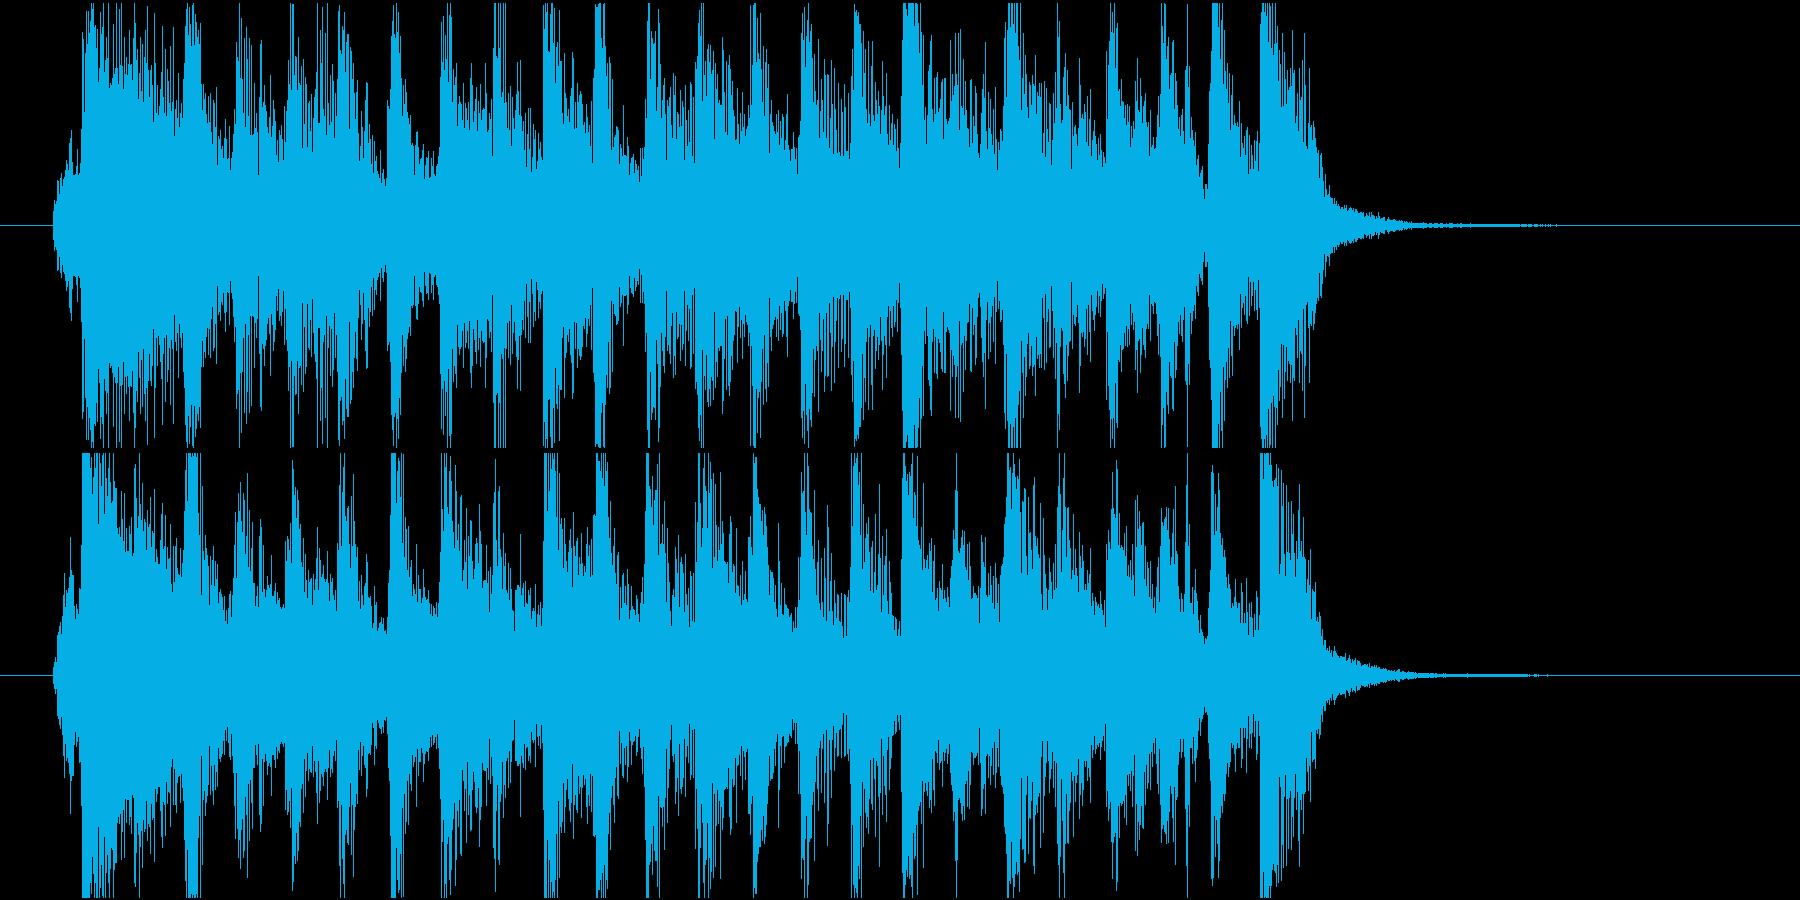 【ジングル】ピアノ主体の軽快で前向きな曲の再生済みの波形